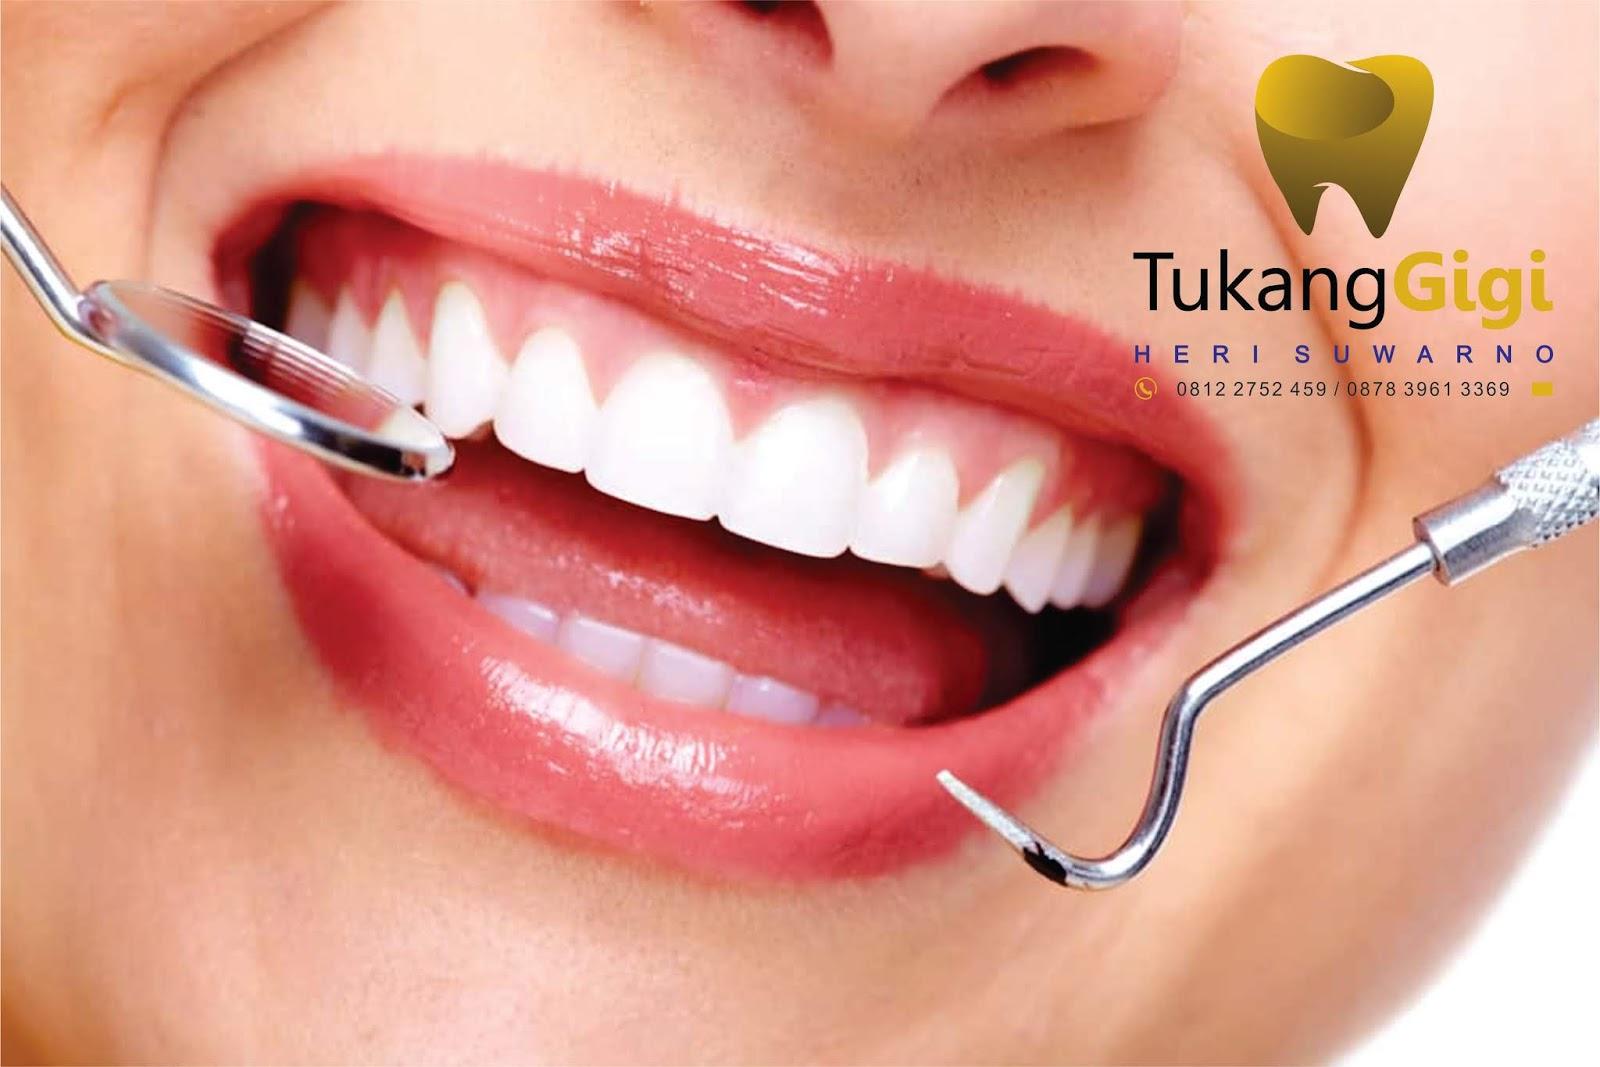 Menjaga kesehatan gigi dan mulut adalah hal yang penting dilakukan bagi  setiap orang tua dan muda fc96e4c637